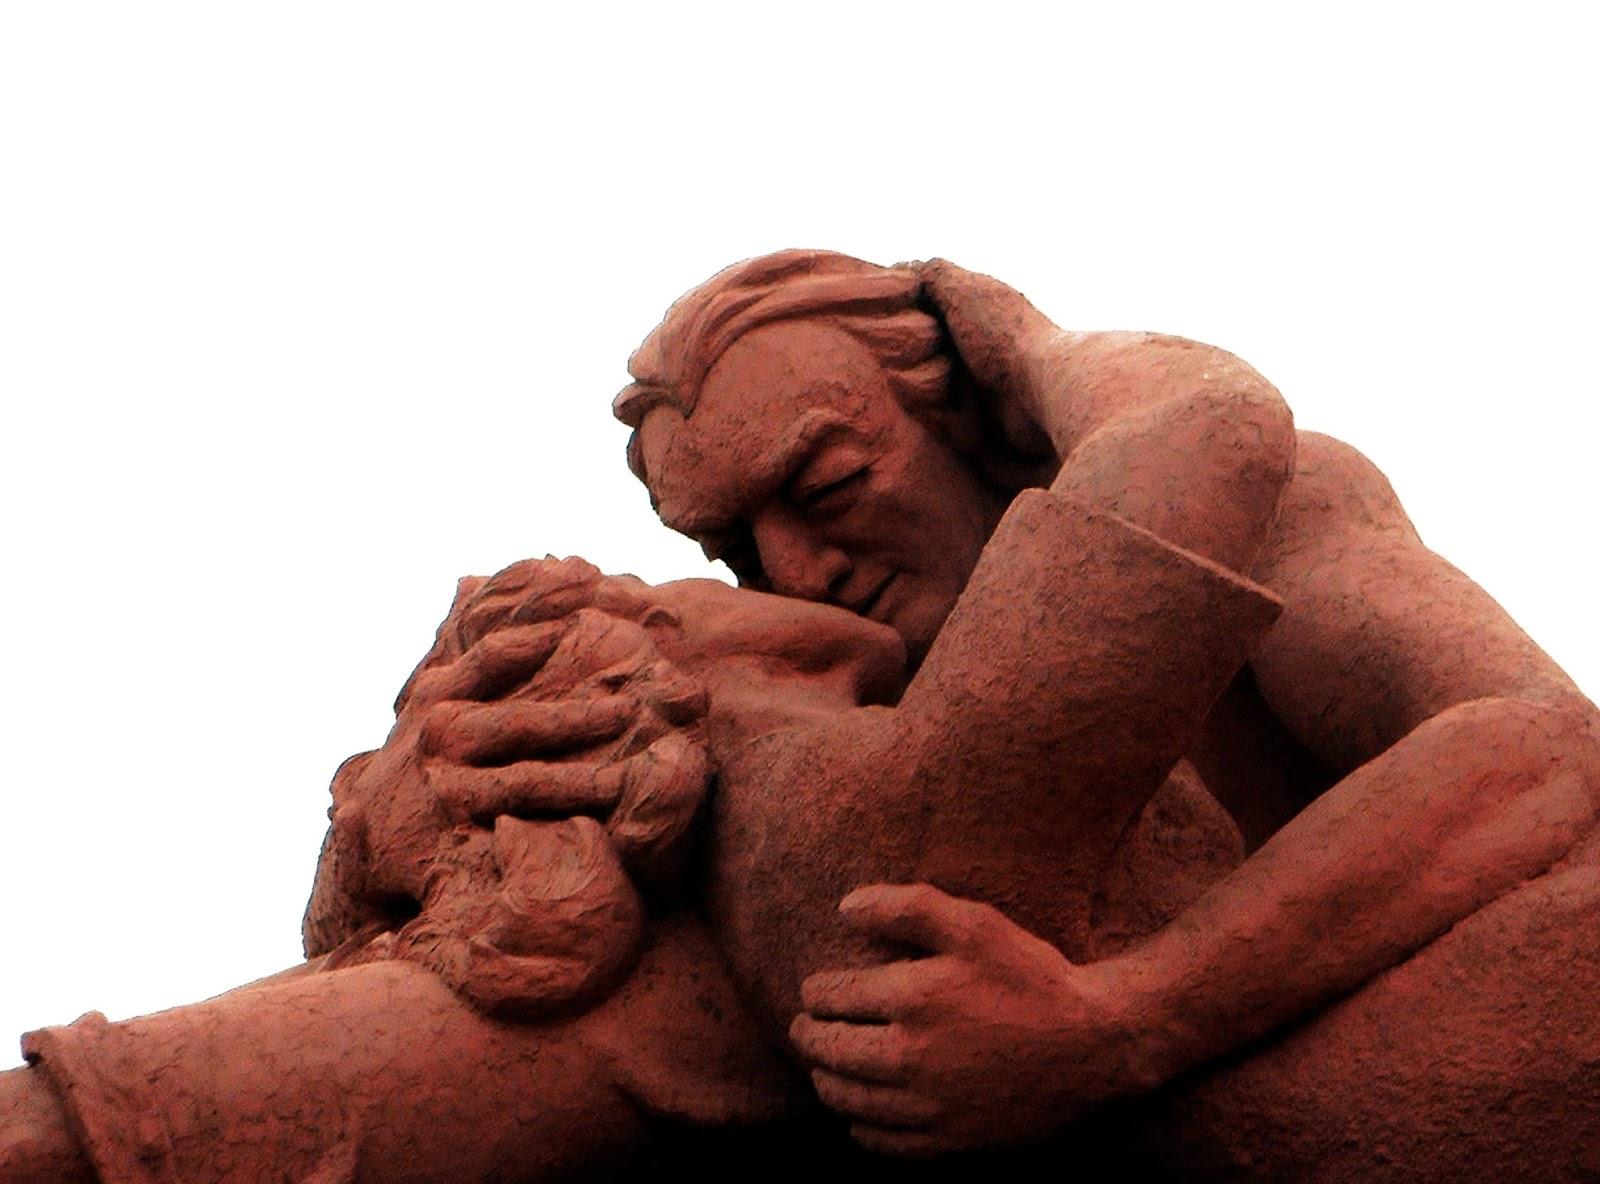 le+baiser+sculpture